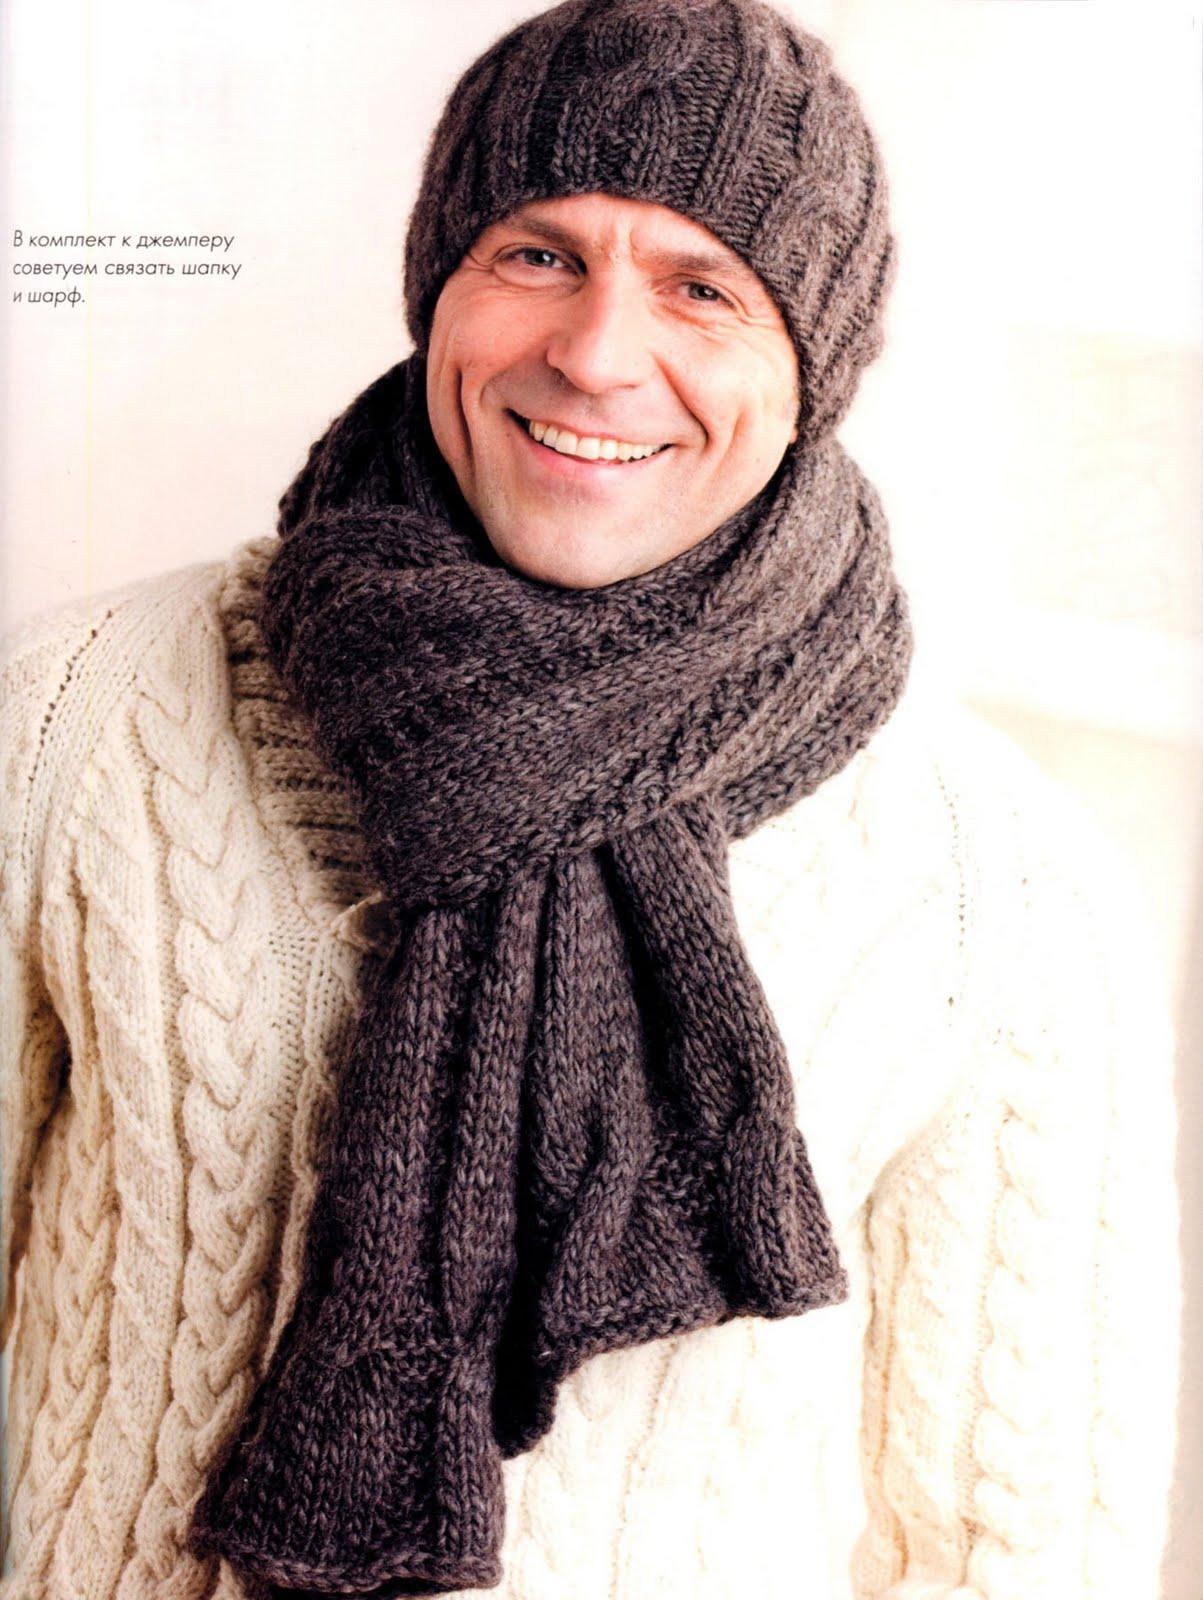 свой цитатник или сообщество!  Вязание.  Белоснежный мужской пуловер с косами и узорчатые шапка и шарф!